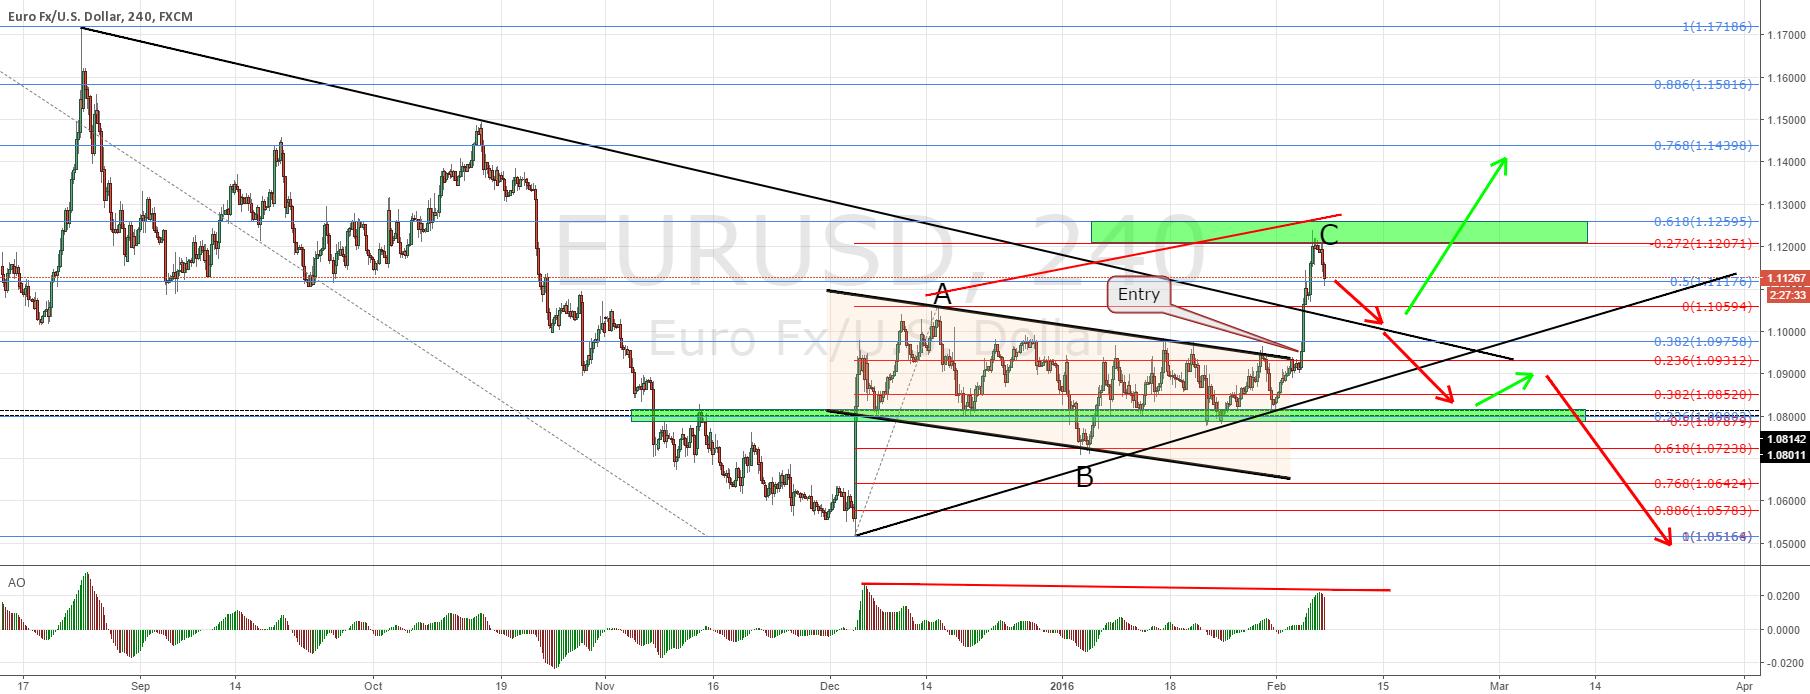 EURUSD hit target! What's next?